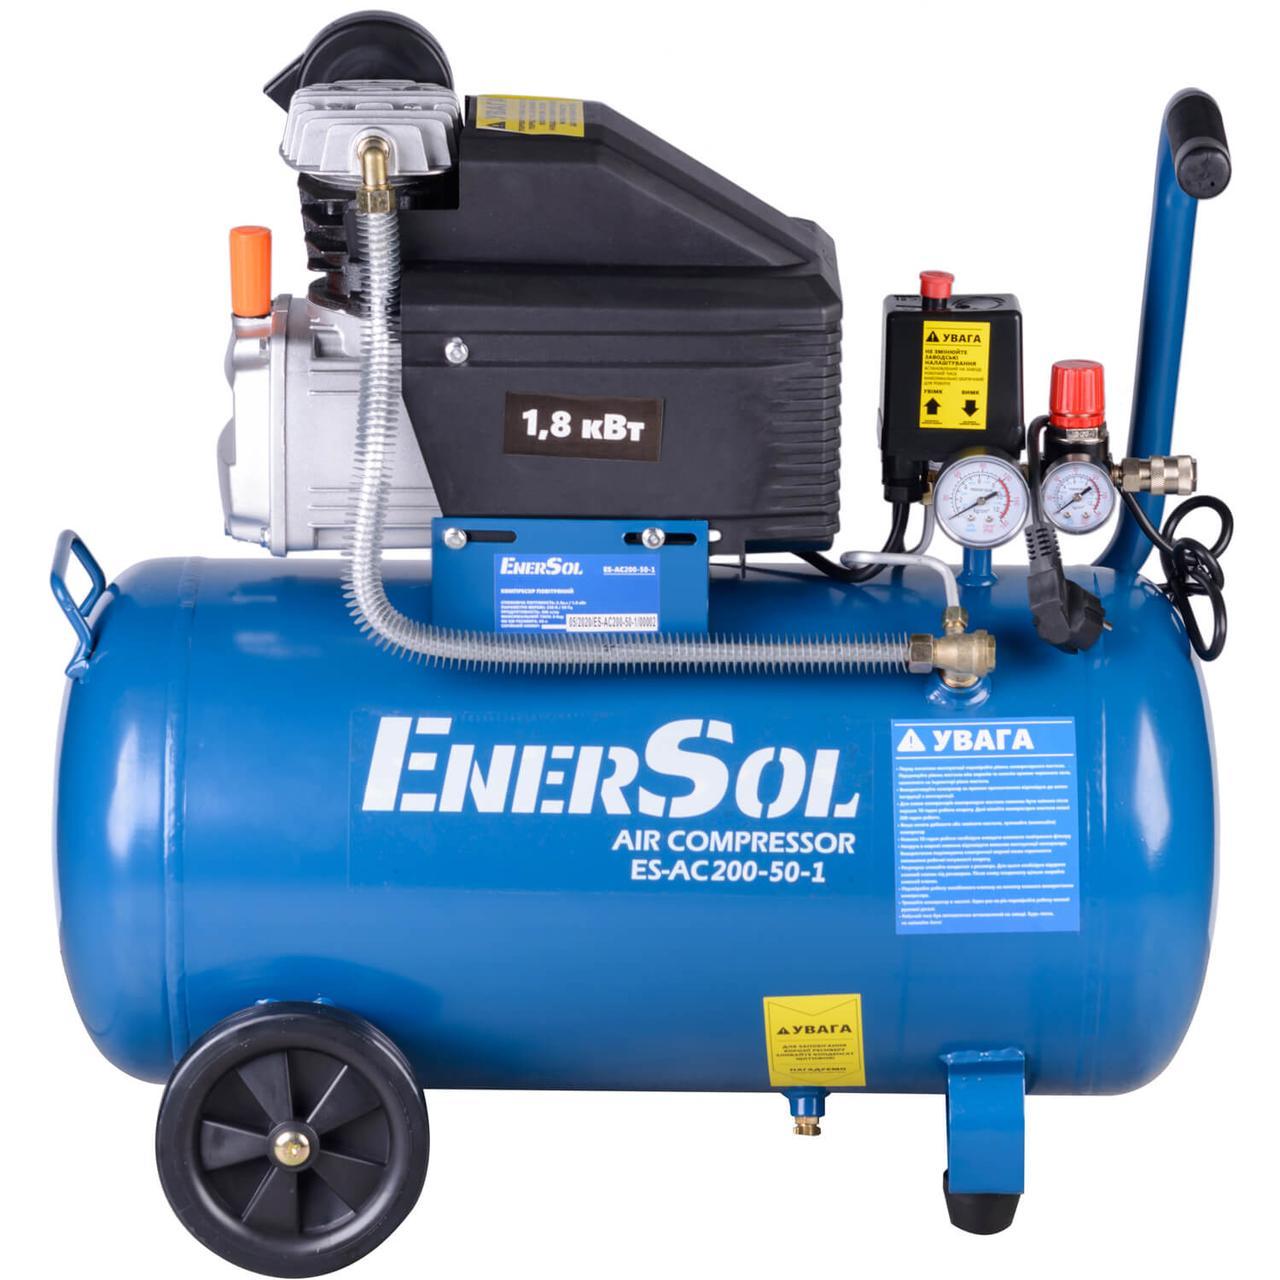 Компрессор электрический поршневой EnerSol ES-AC200-50-1, мощность 1,8 кВт, 200 л/мин, давление 8 бар, ресивер